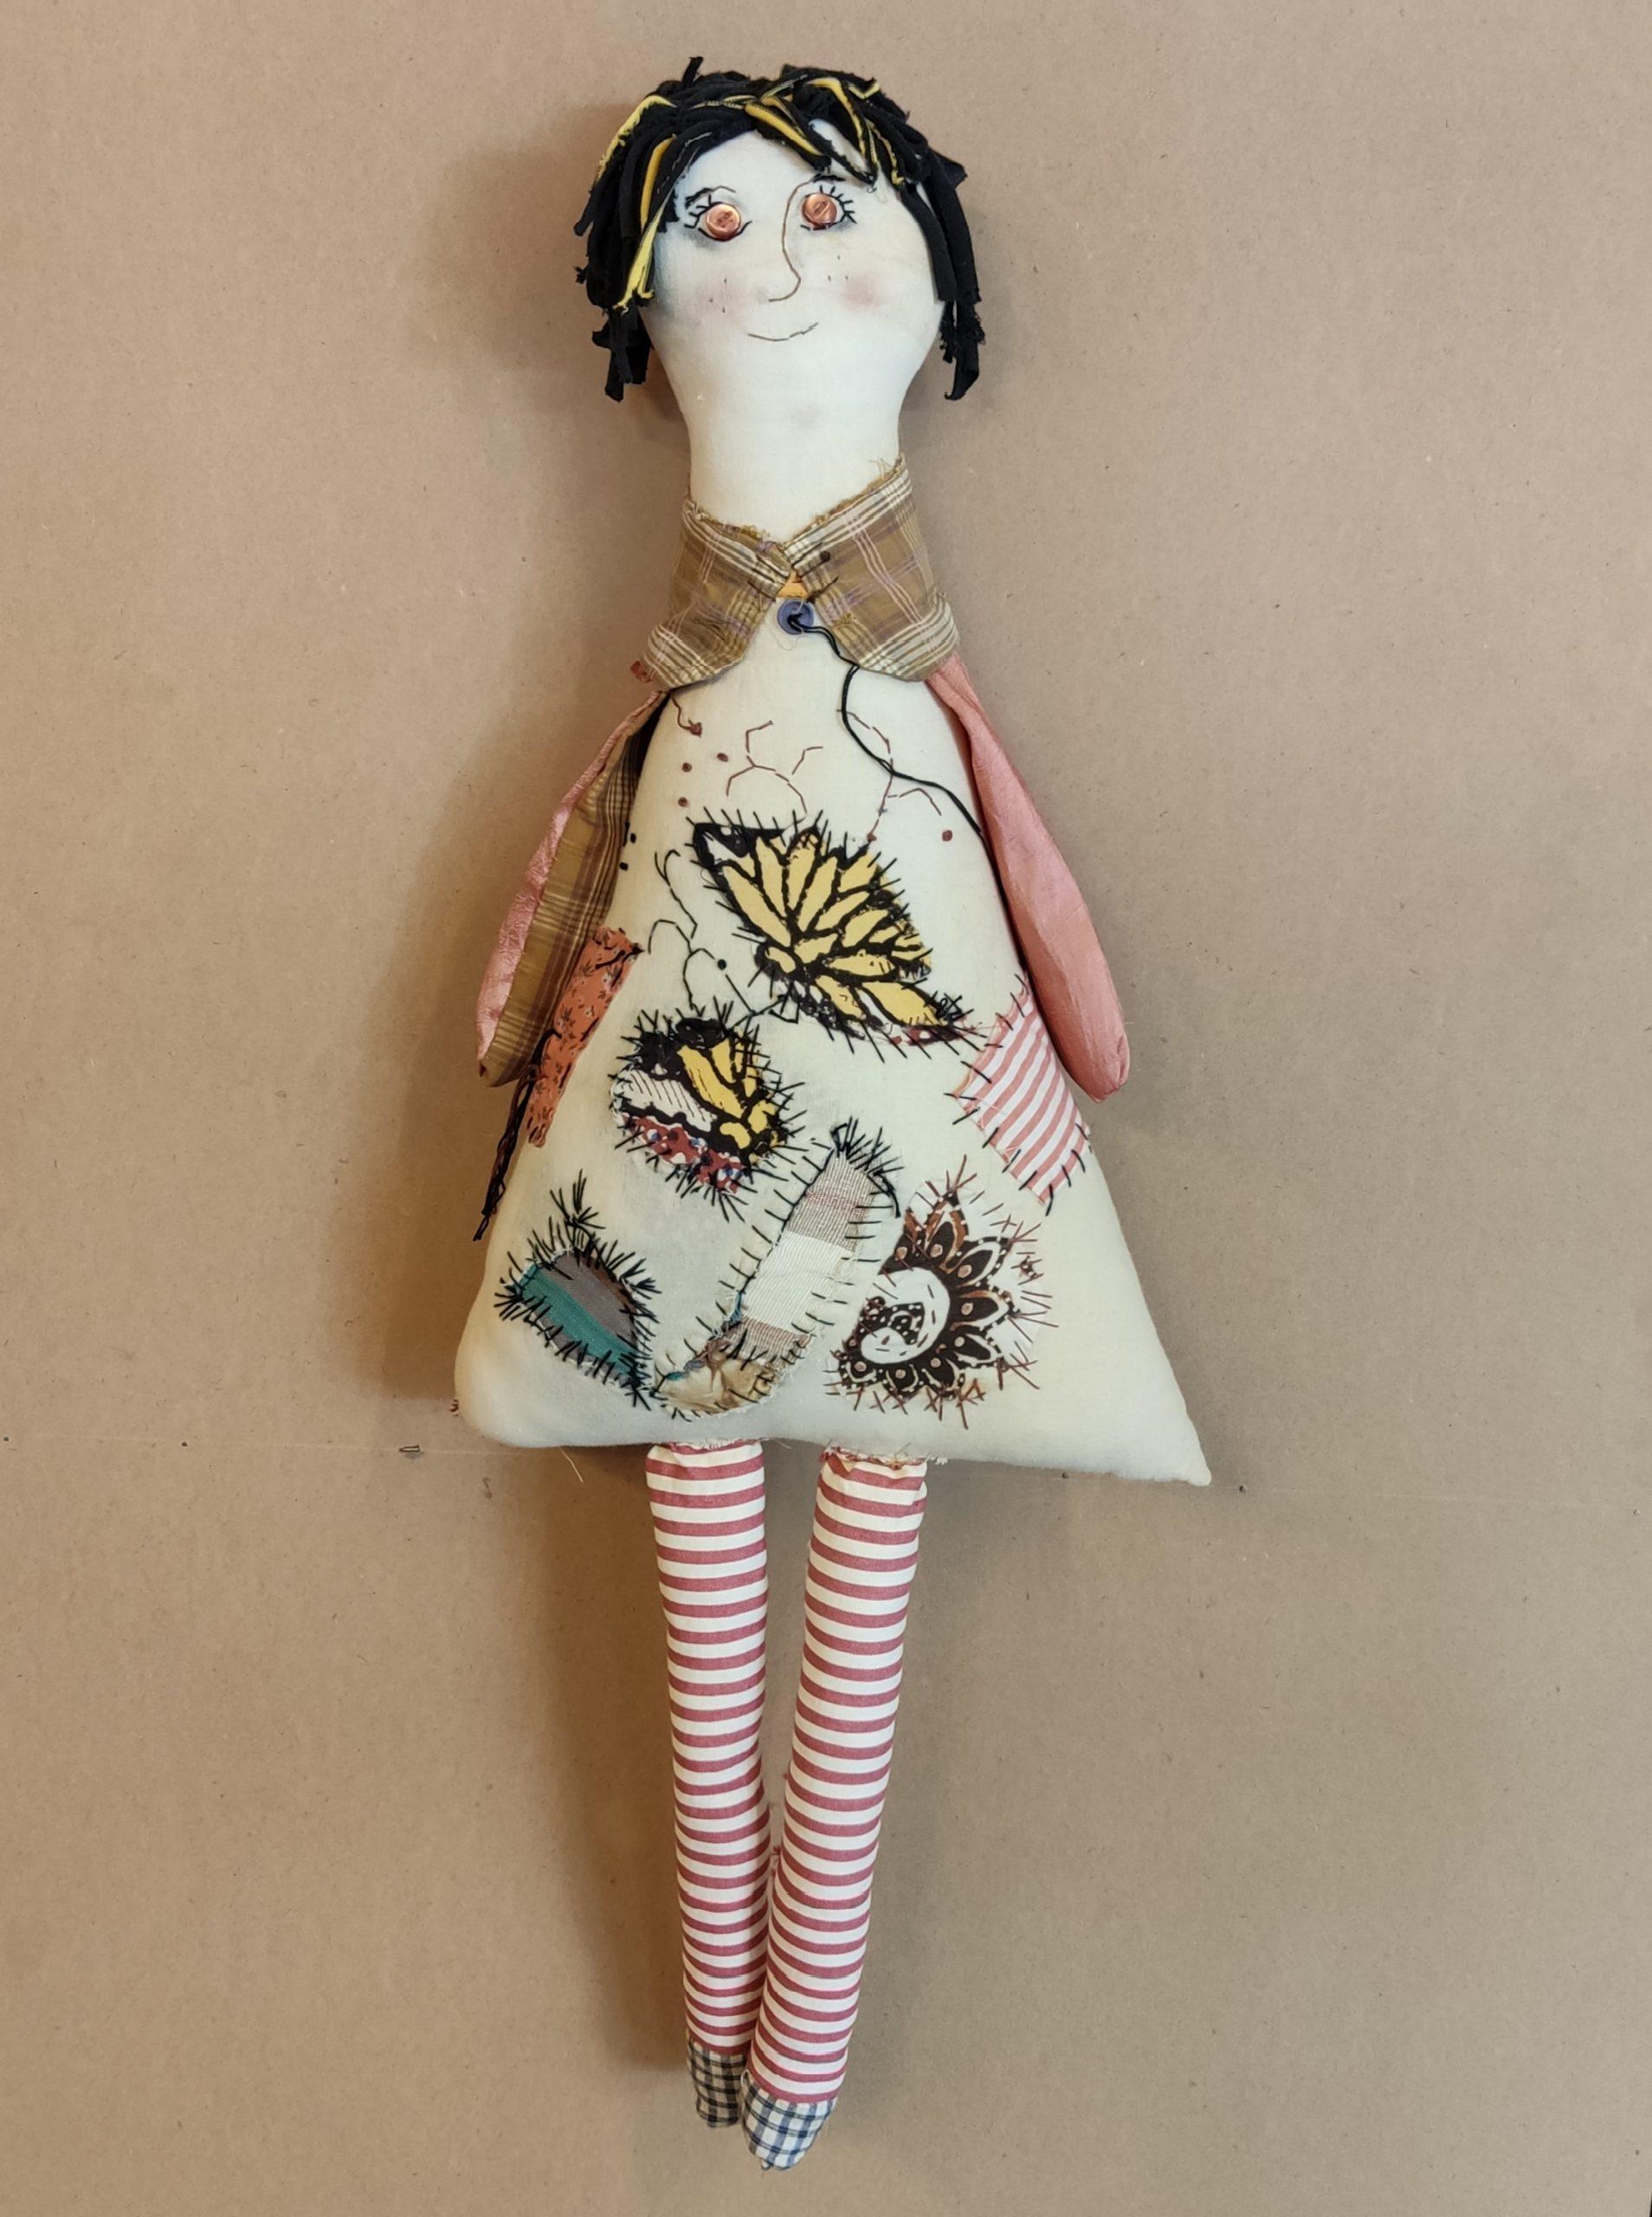 Υφασμάτινη Κούκλα-Μαξιλάρι2 – Fabric pillow doll2